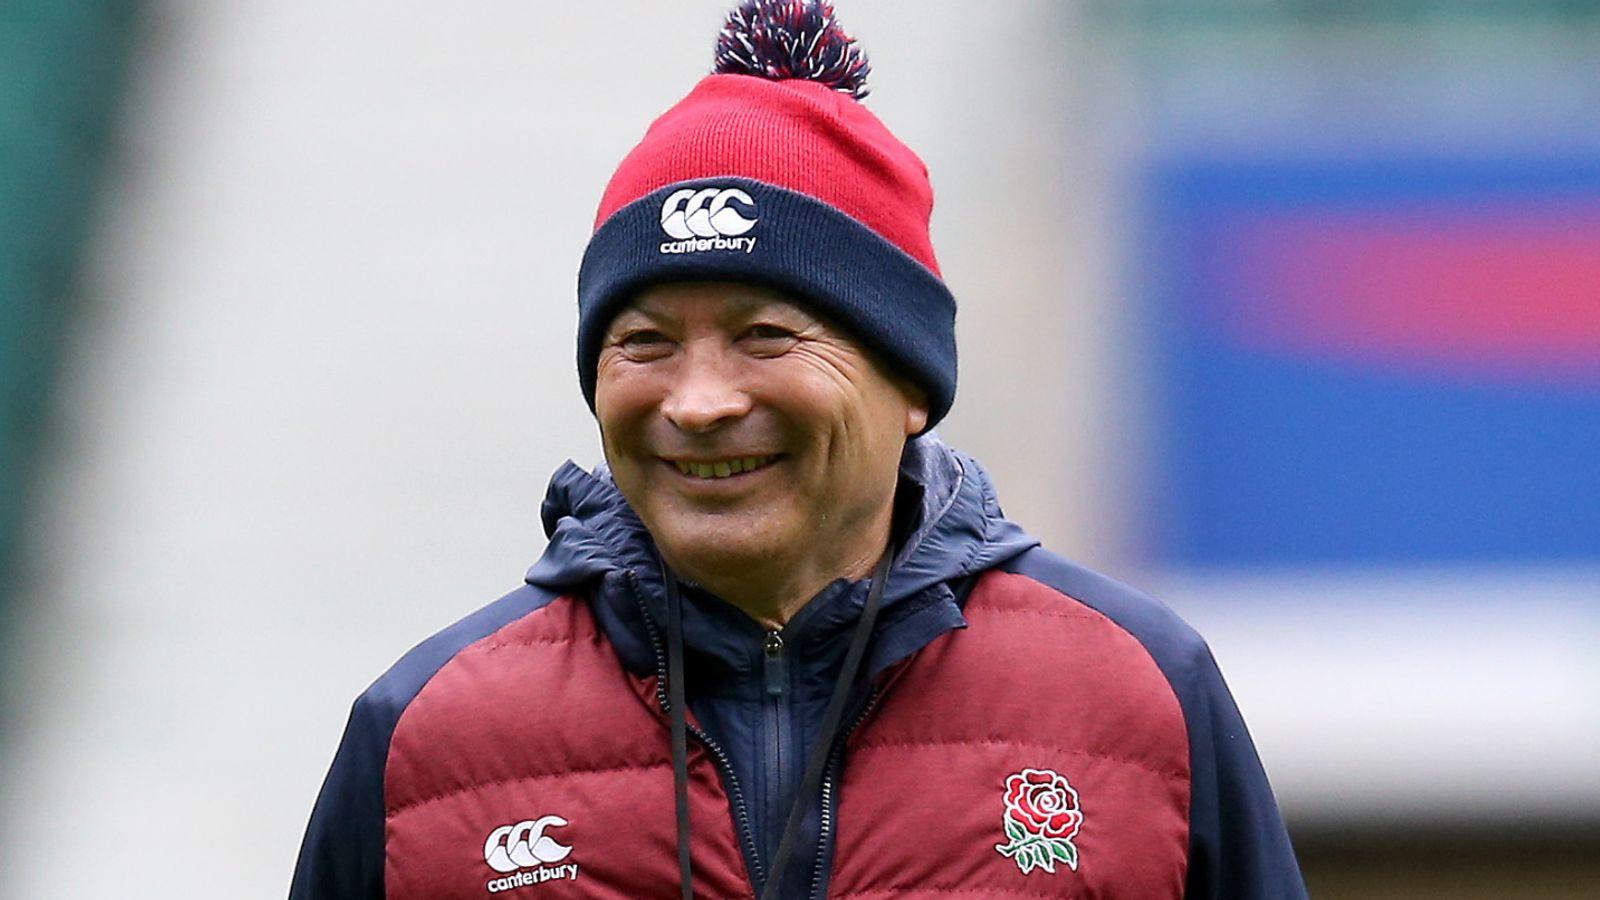 Eddie Jones puede entregar la Copa del Mundo para Inglaterra, dice Mike Tindall | Noticias de la Unión de Rugby 4